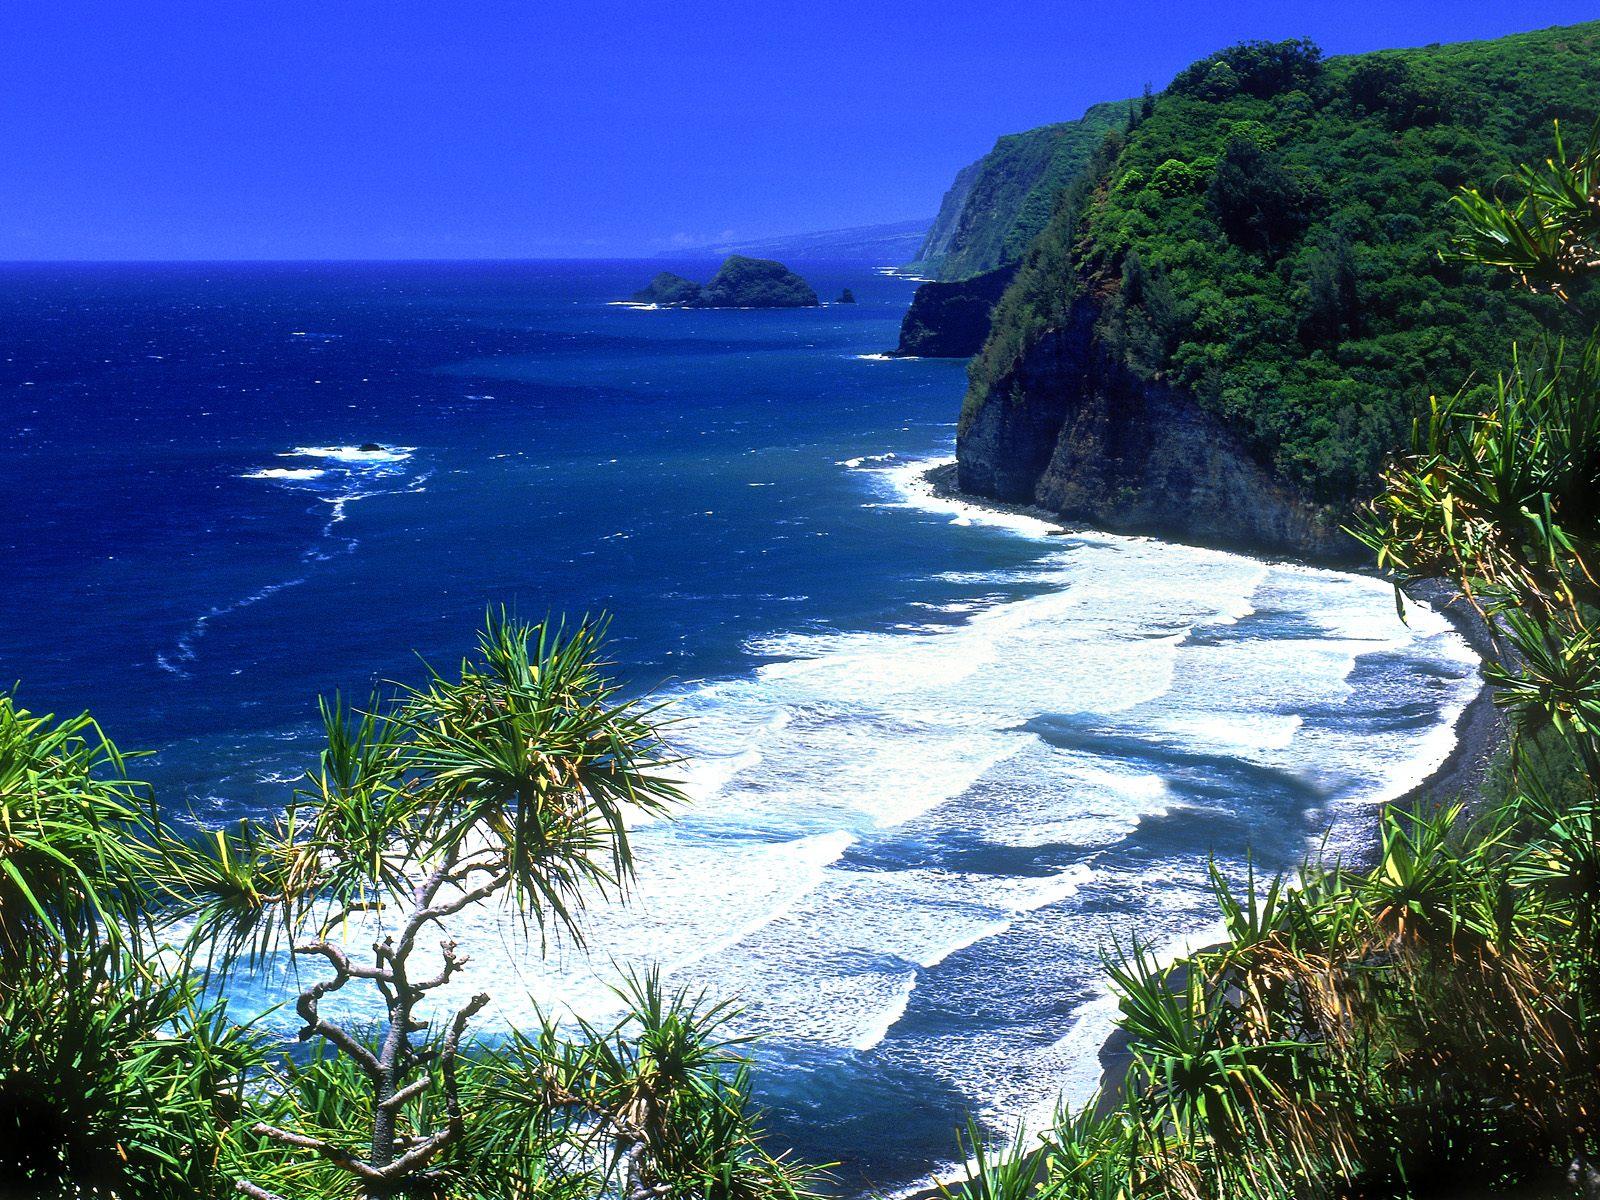 http://3.bp.blogspot.com/-KIqQ7MSkQK4/TaKGEY_NGQI/AAAAAAAADx4/eAQVzMxwjGc/s1600/Hawaii+beach.jpg